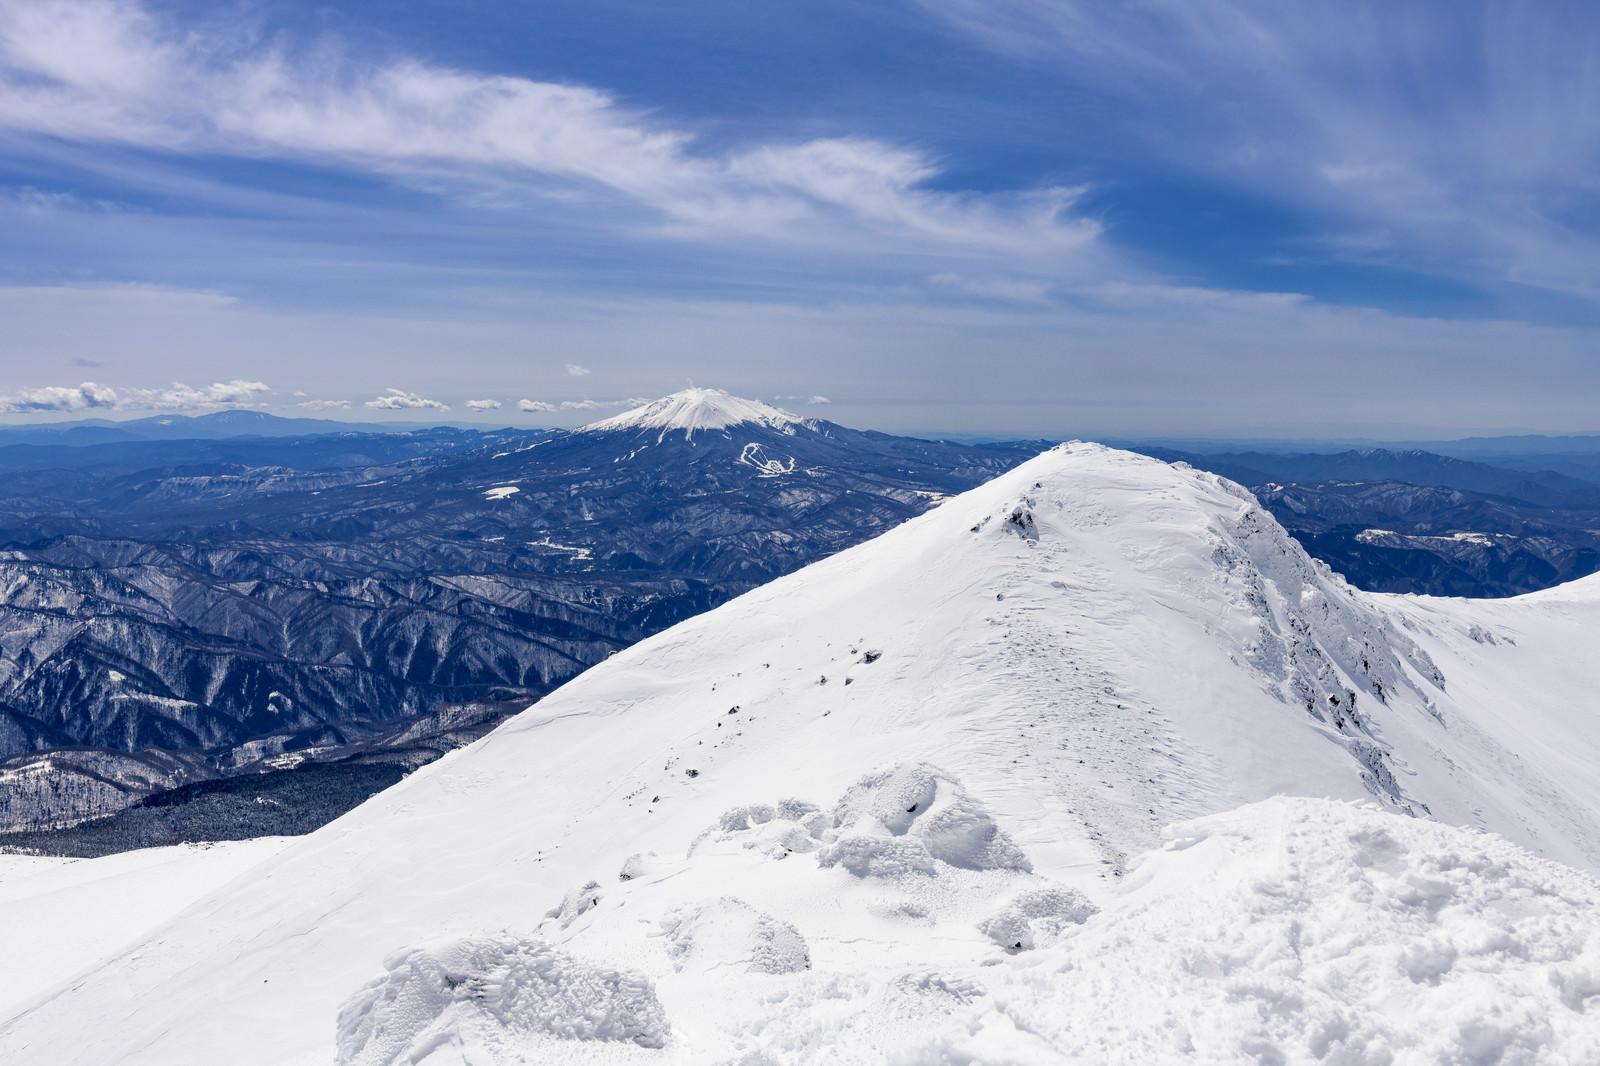 「乗鞍岳山頂から眺める御嶽山」の写真